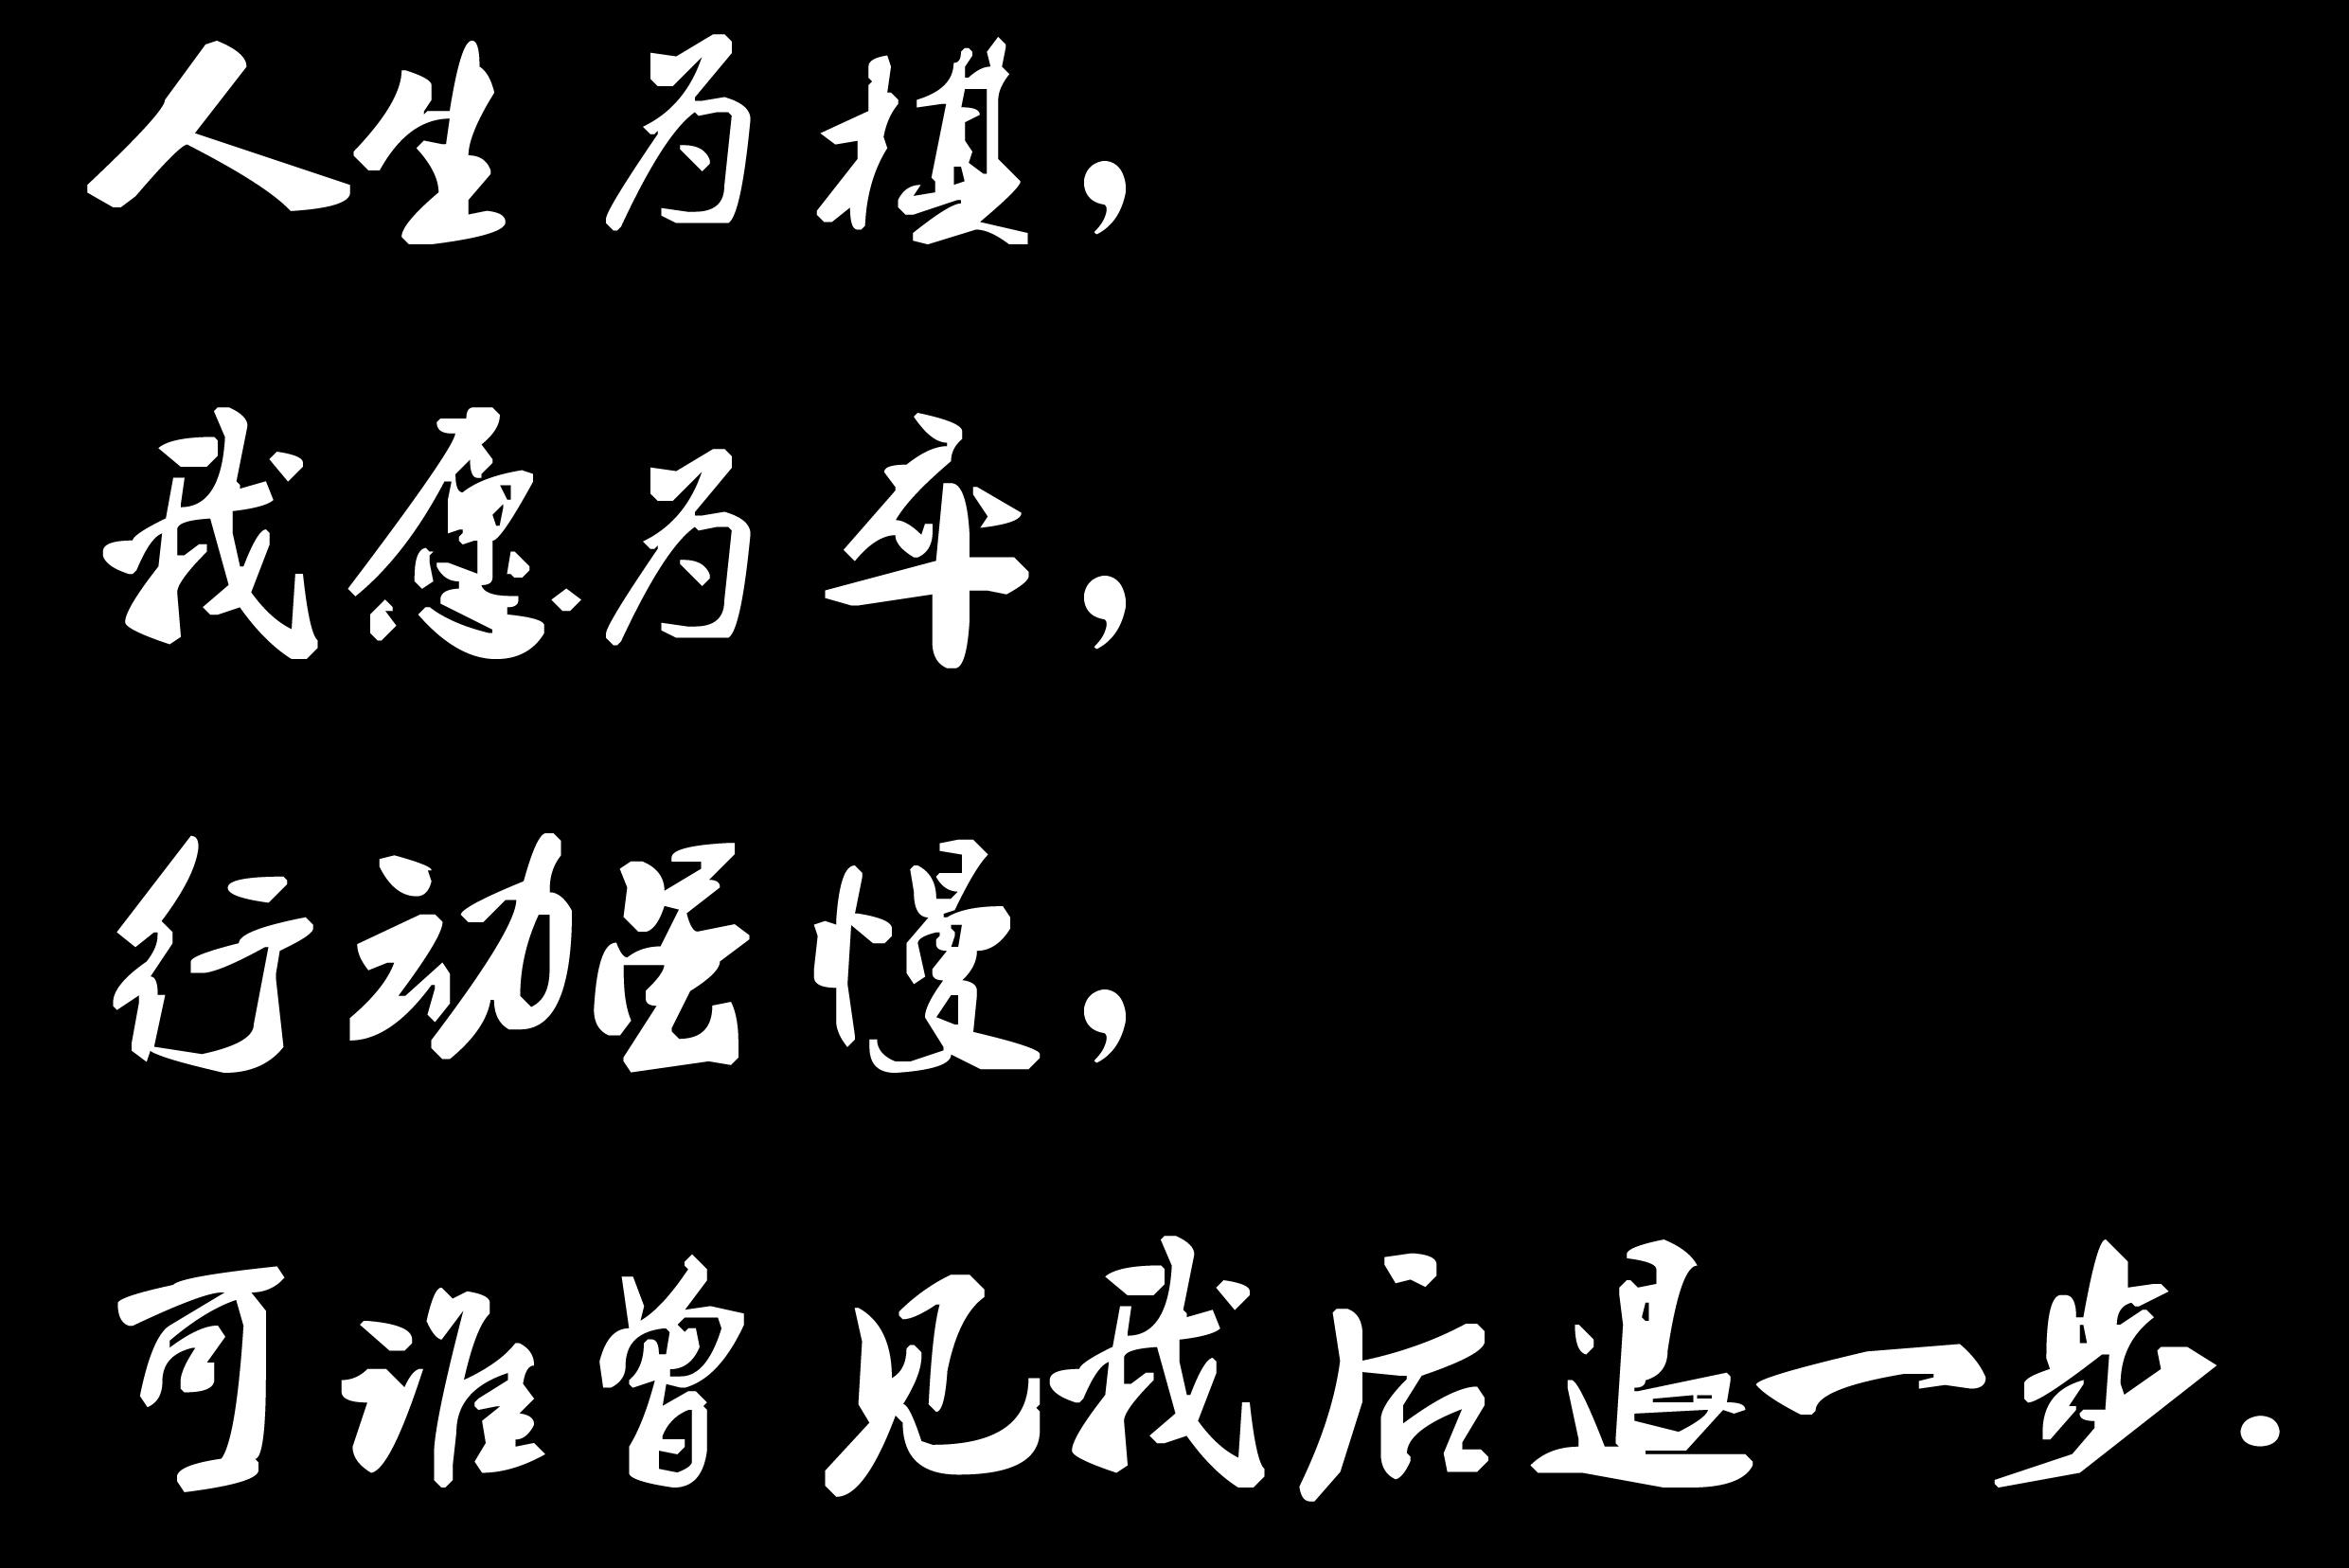 字纯文字图片_qq头像黑底白字 - 唯美图片网_个性网黑底白字图片-